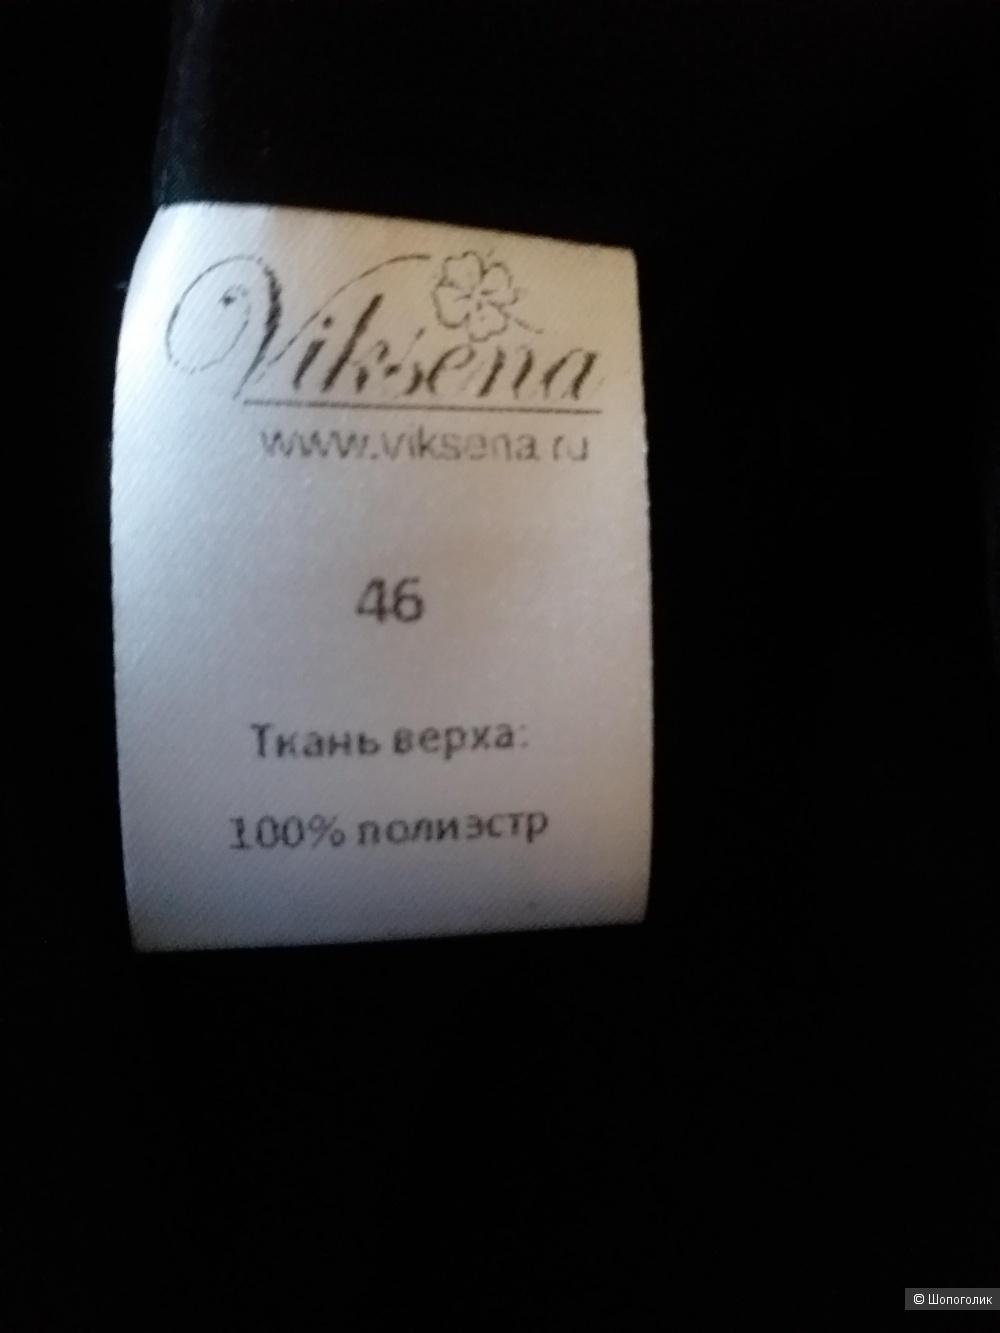 Юбка Viksena, р.46